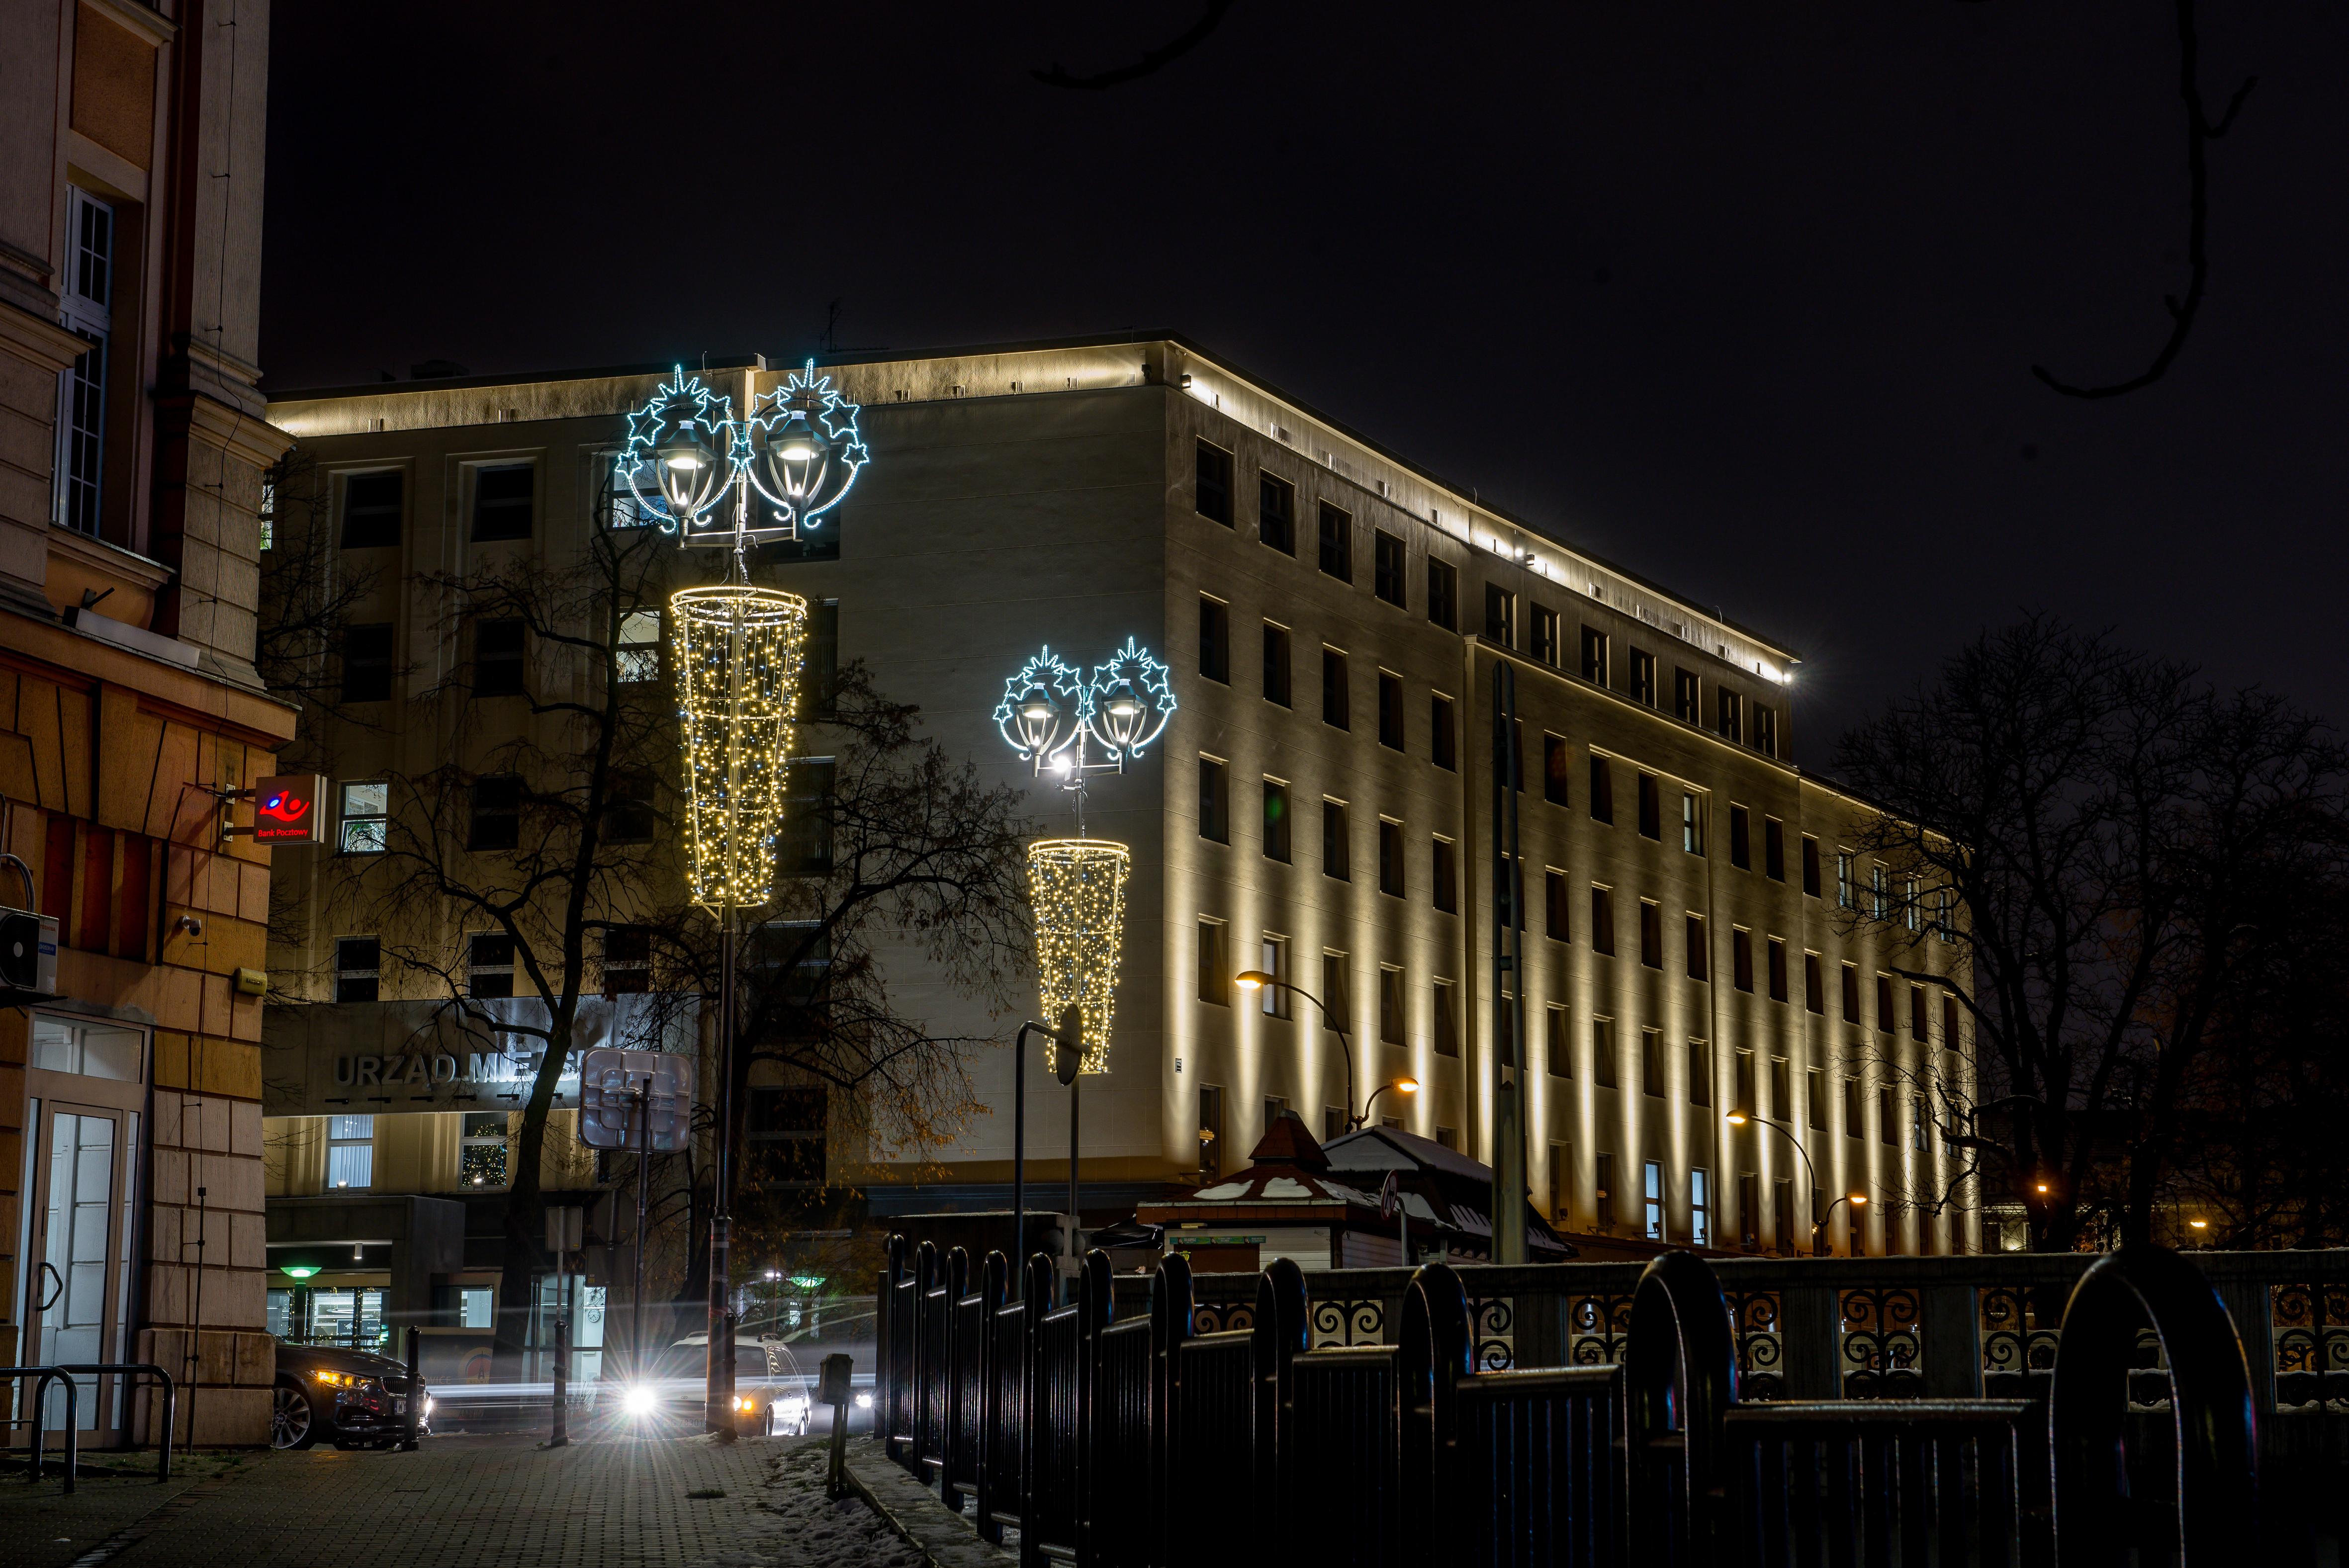 Budynek Urzędu Miejskiego w Gliwicach